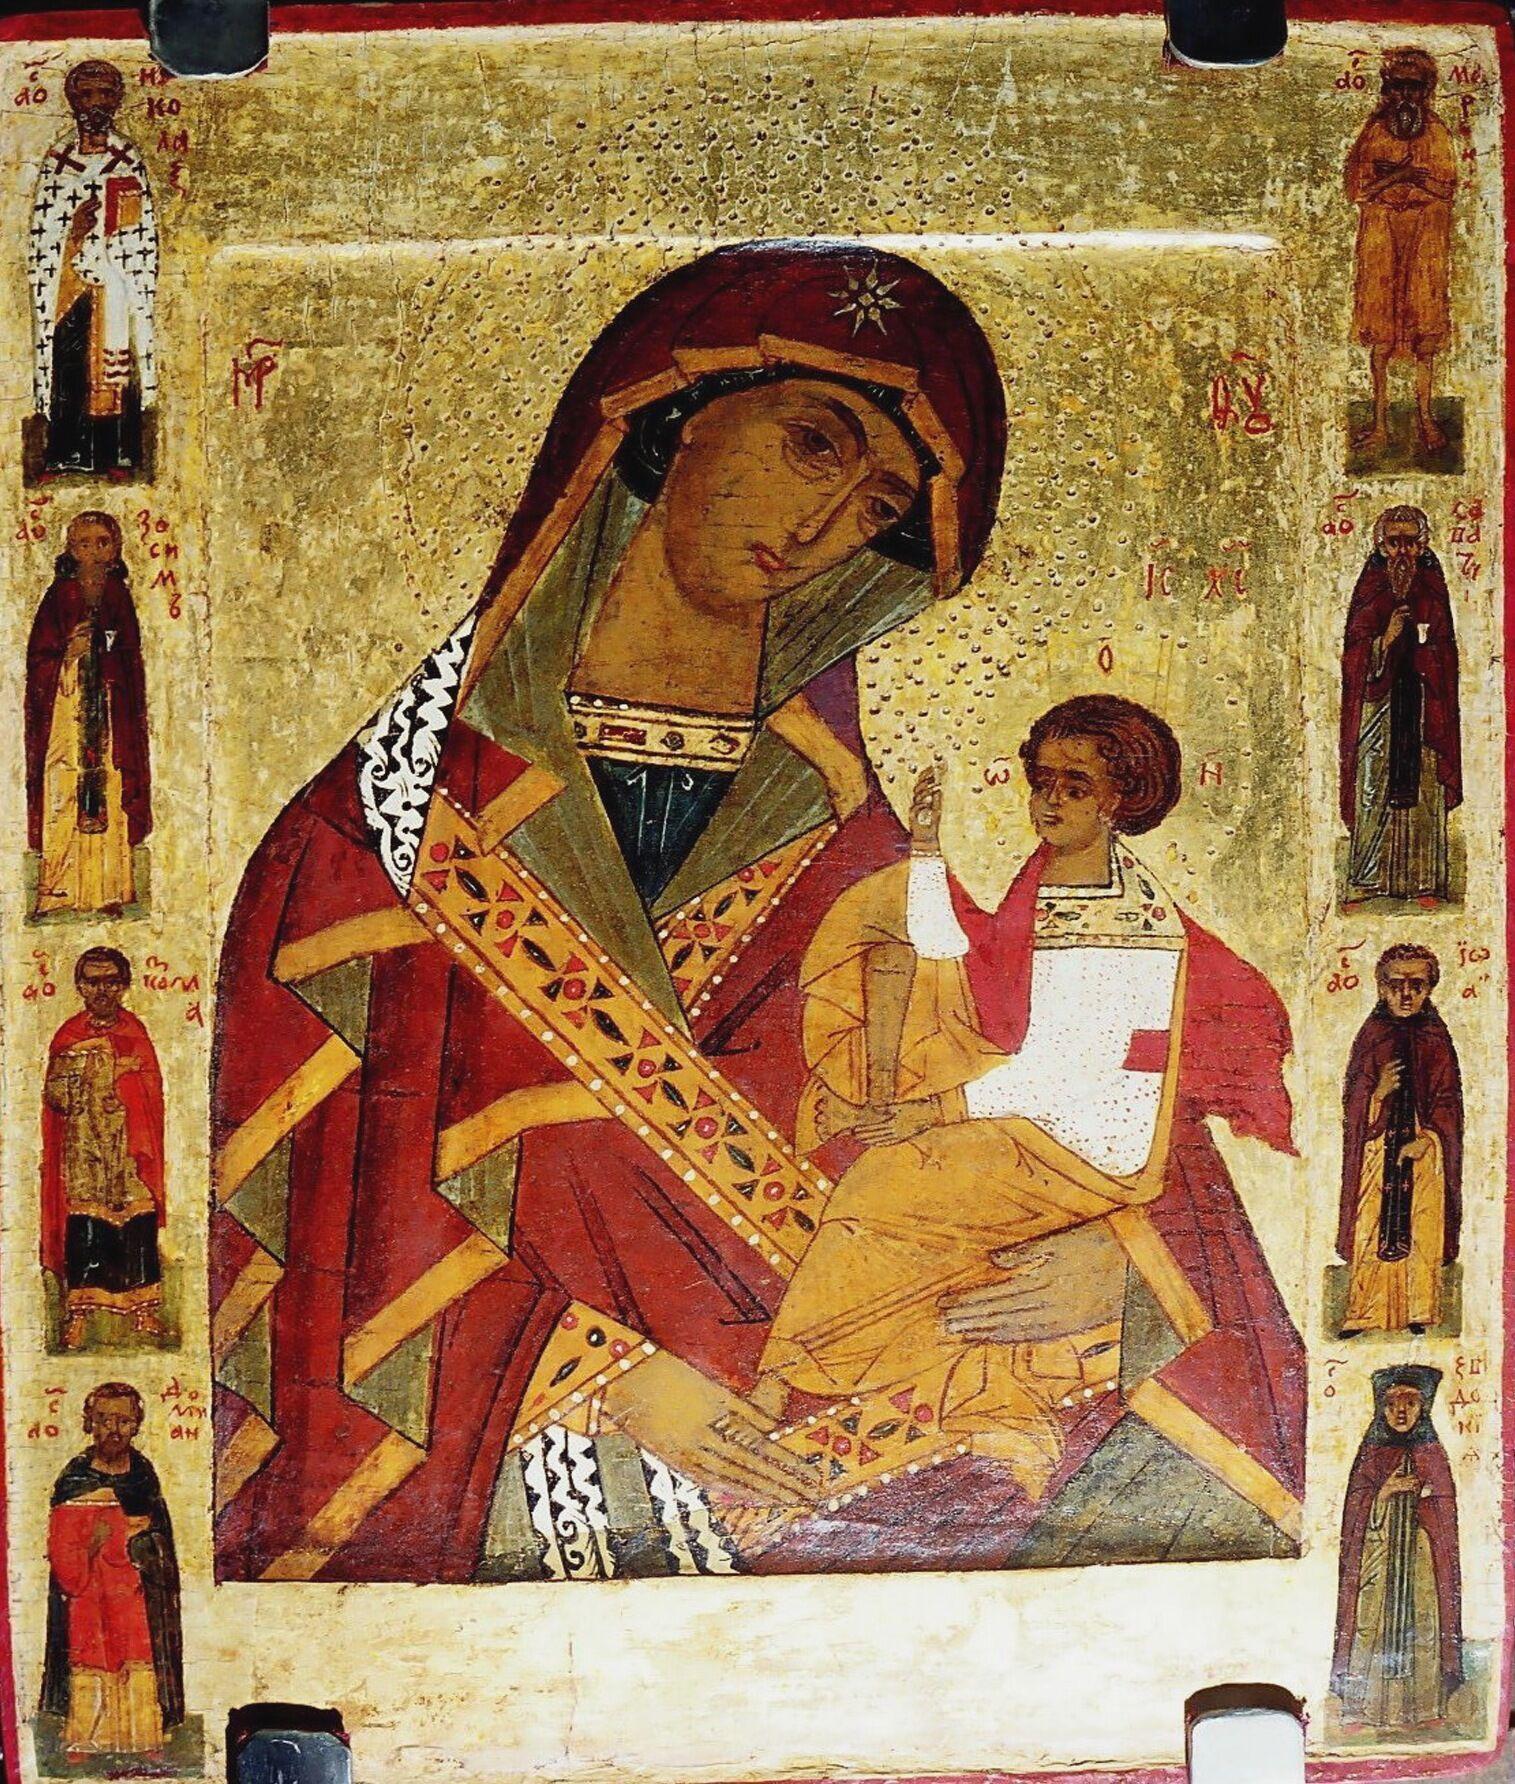 Икона Божьей Матери Шуйской (Смоленской)